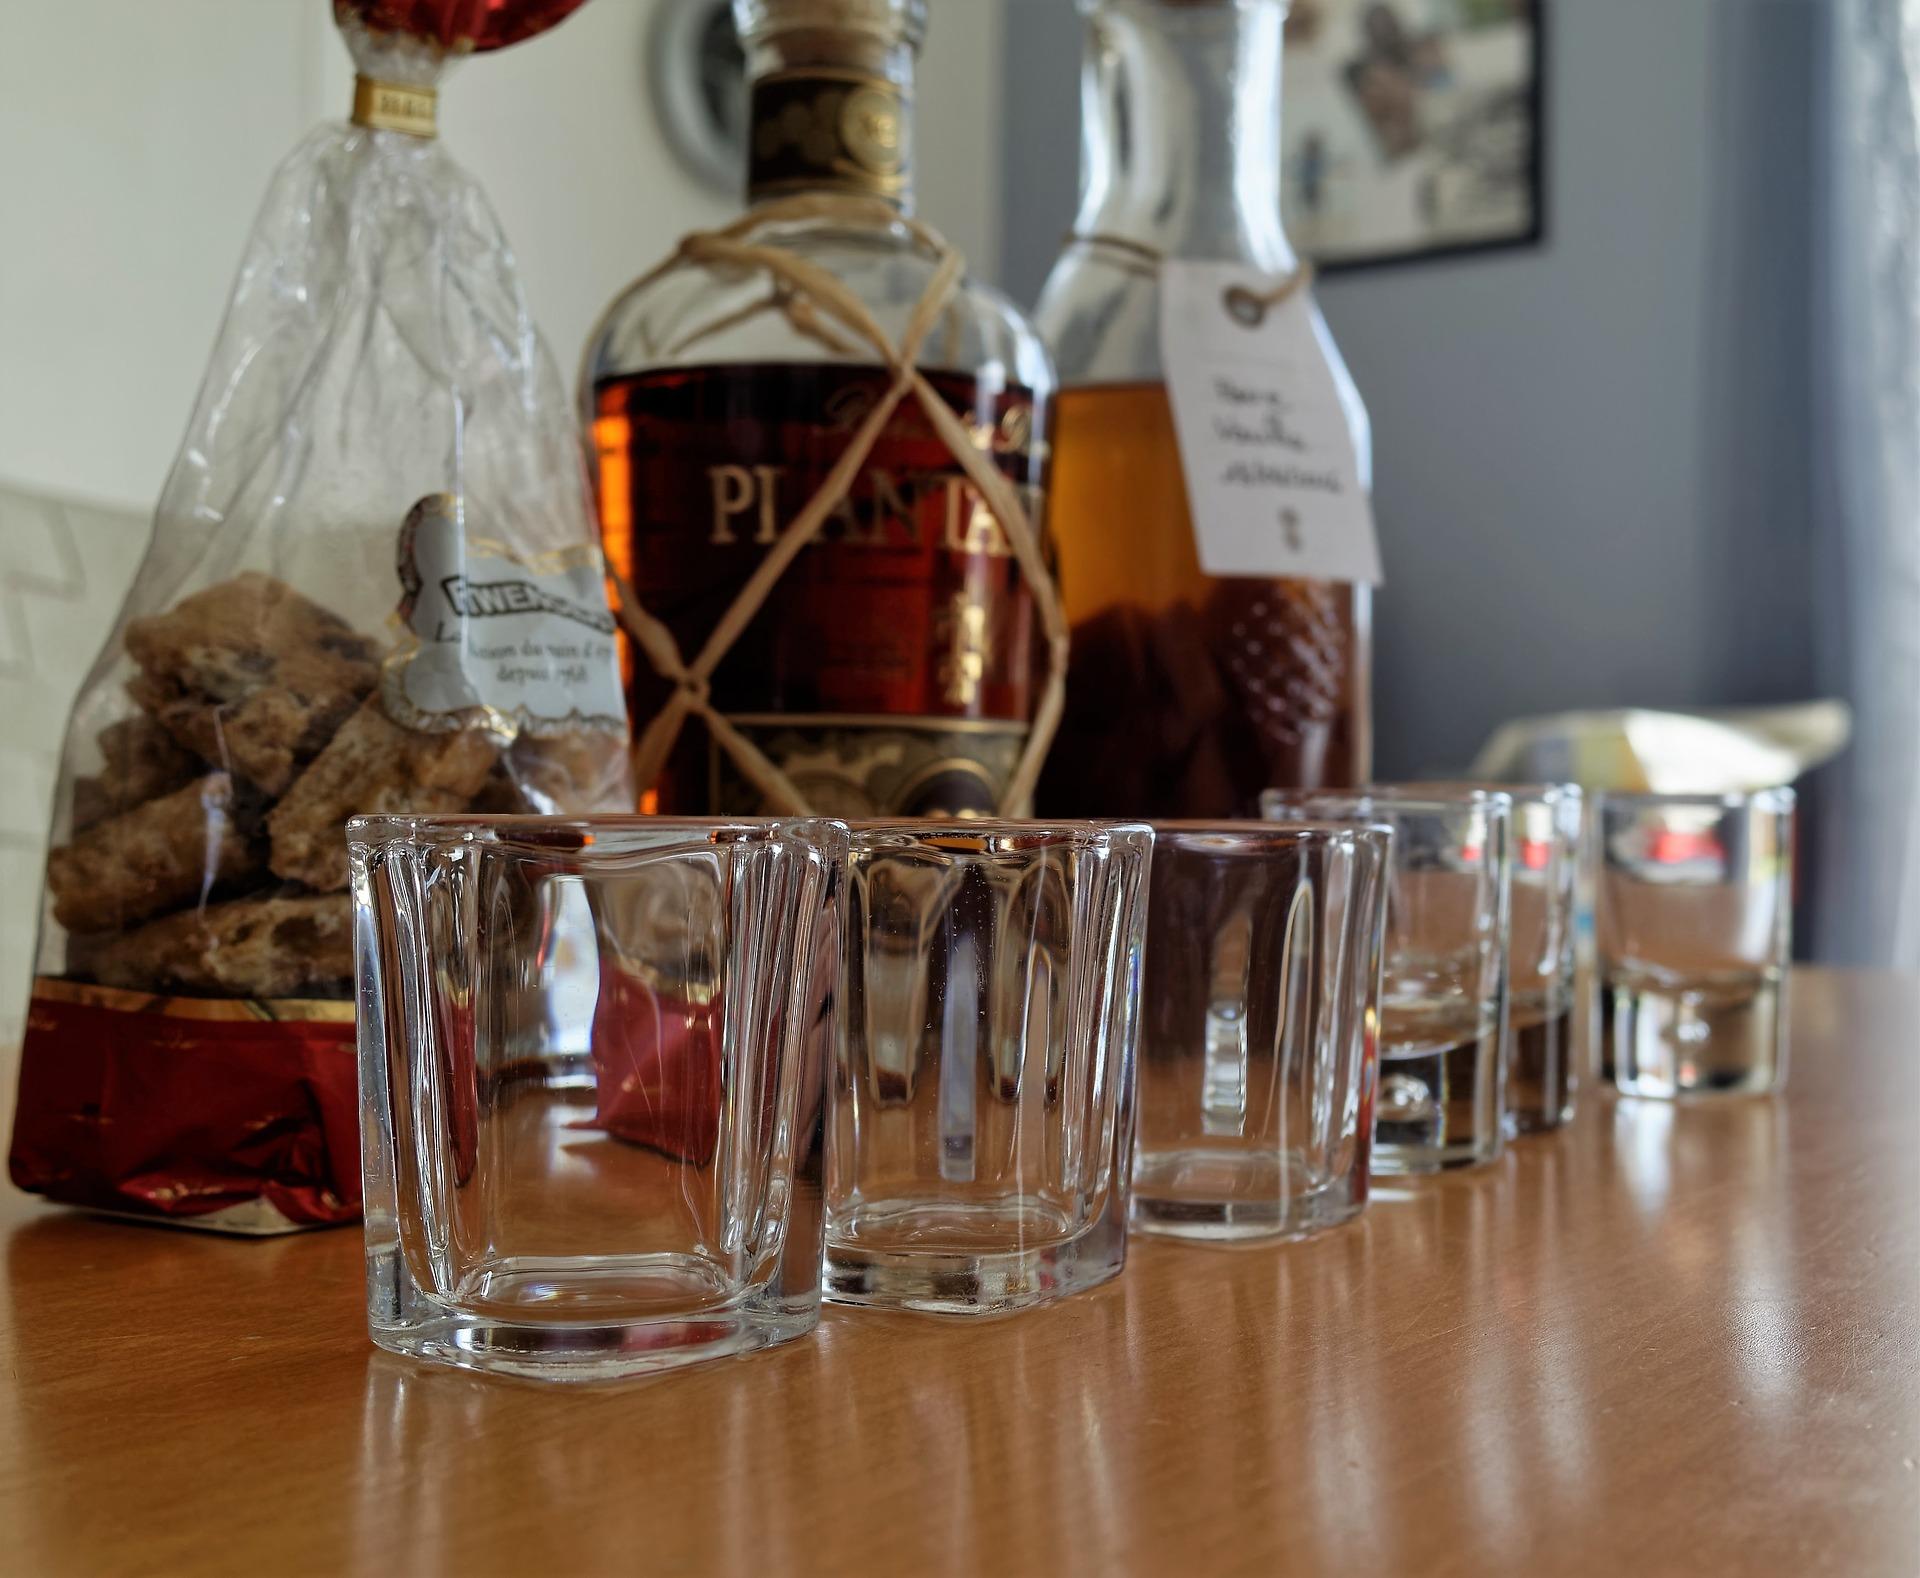 Rumverkostung - Rum Tasting: Destillate aus Zuckerrohr